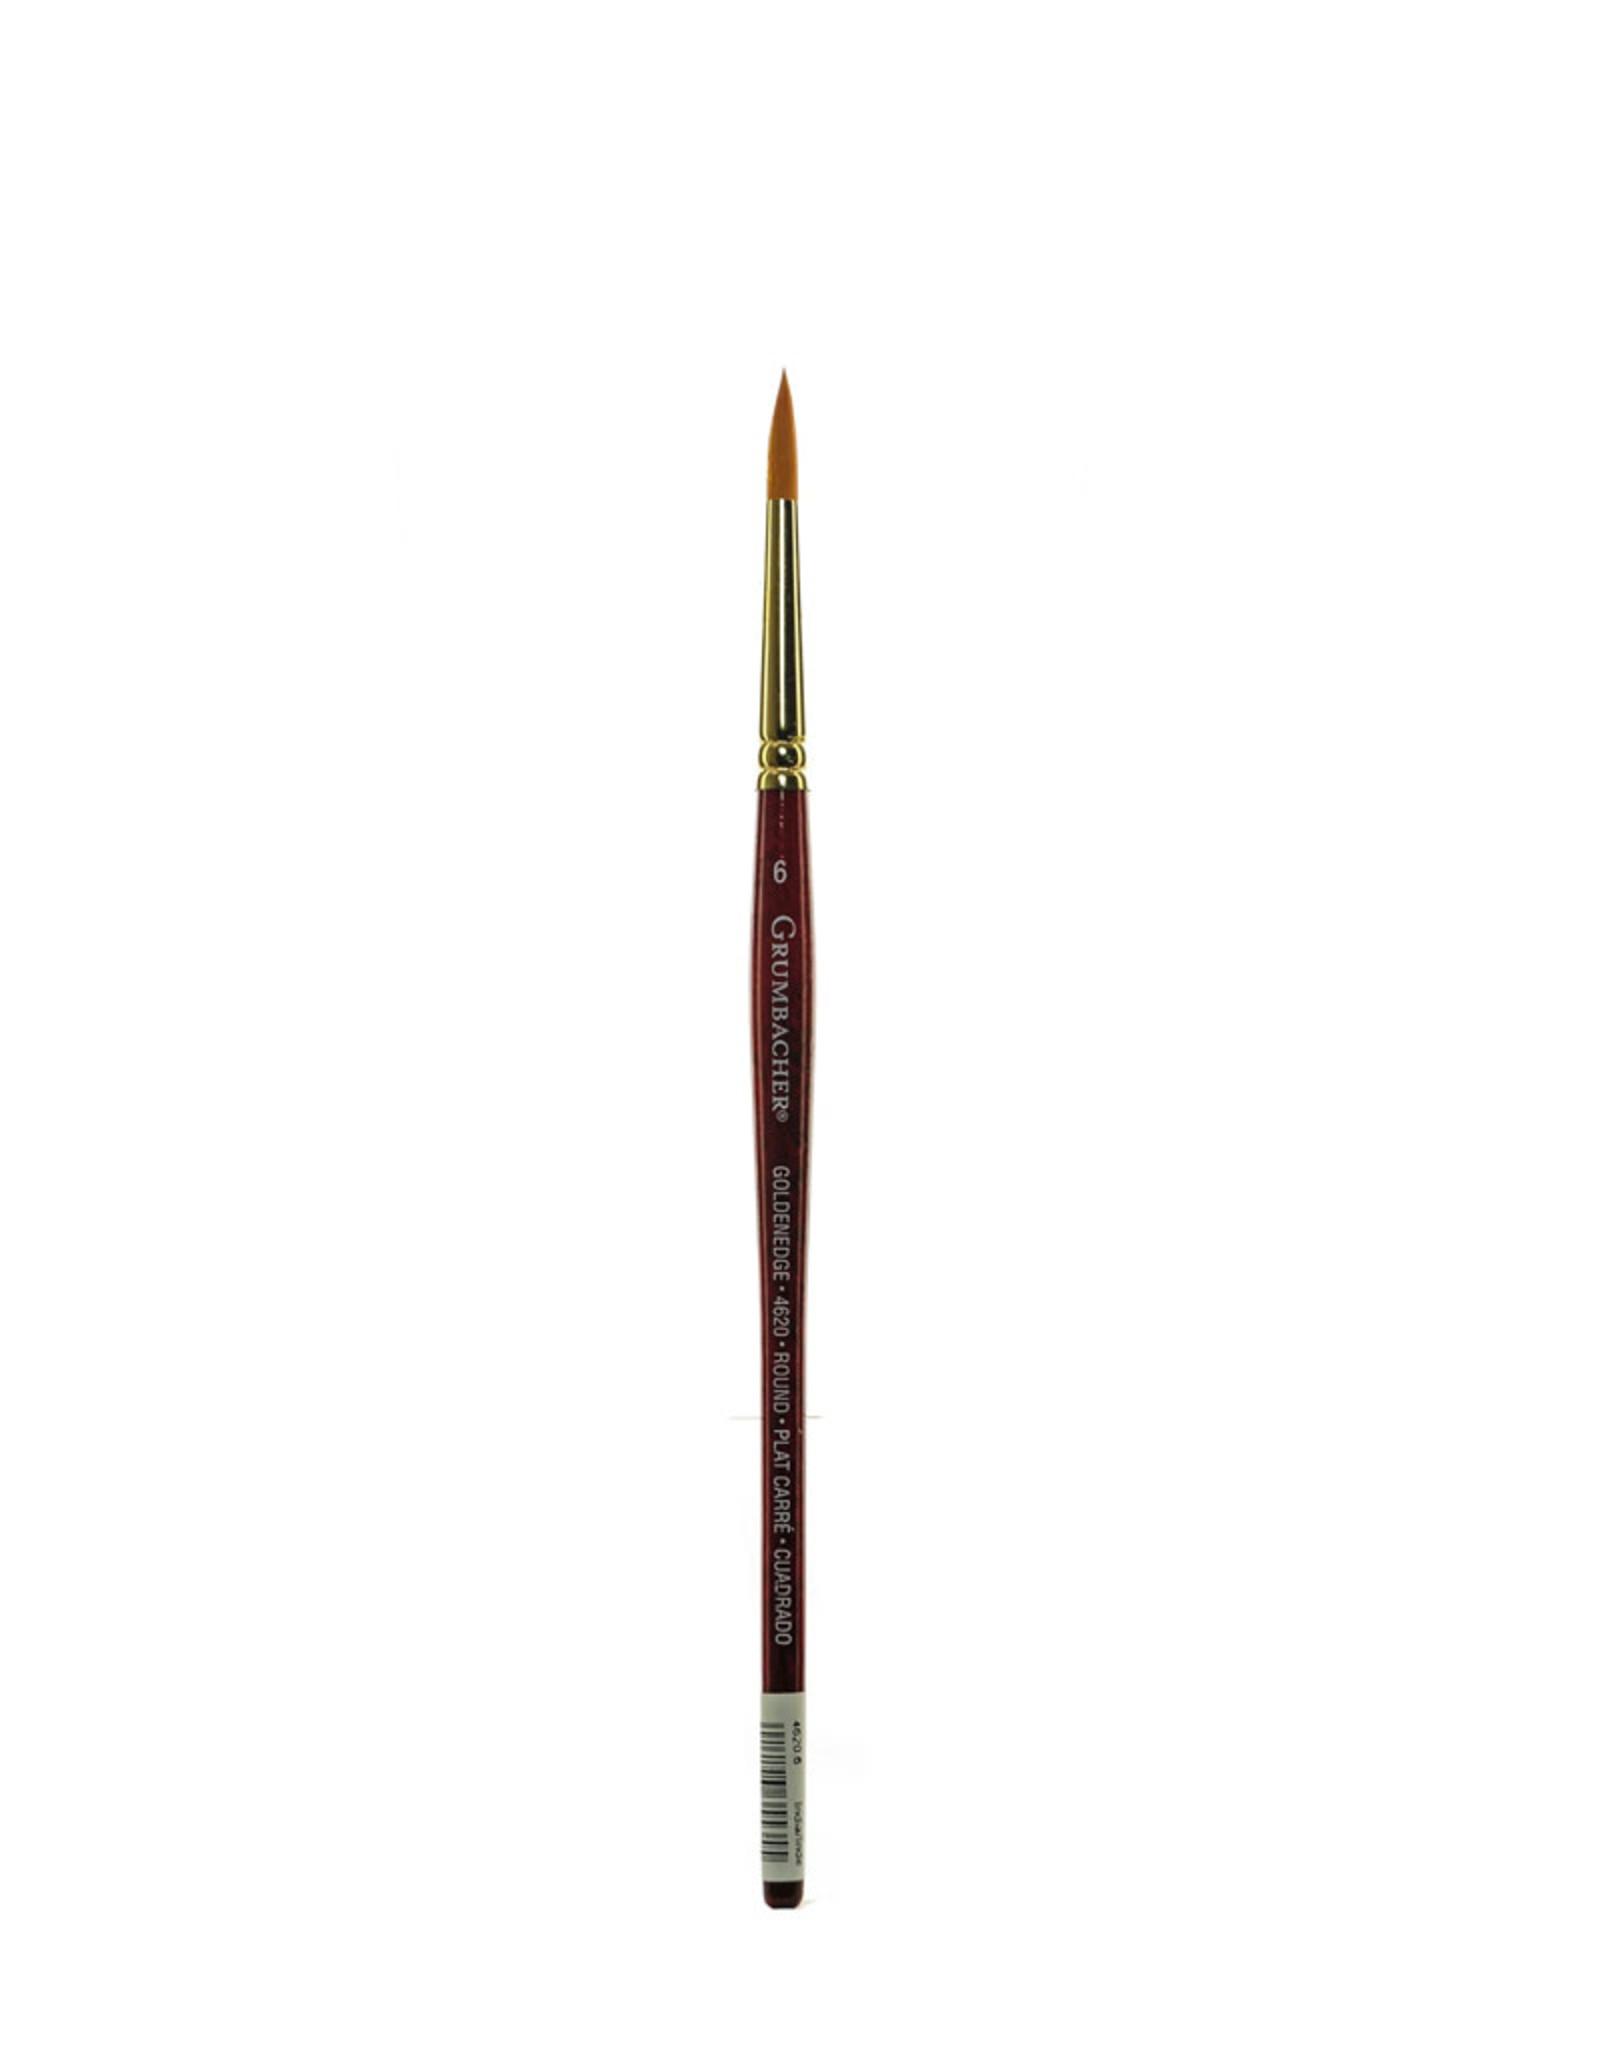 Grumbacher Brush 4620 Watercolor 6 Round